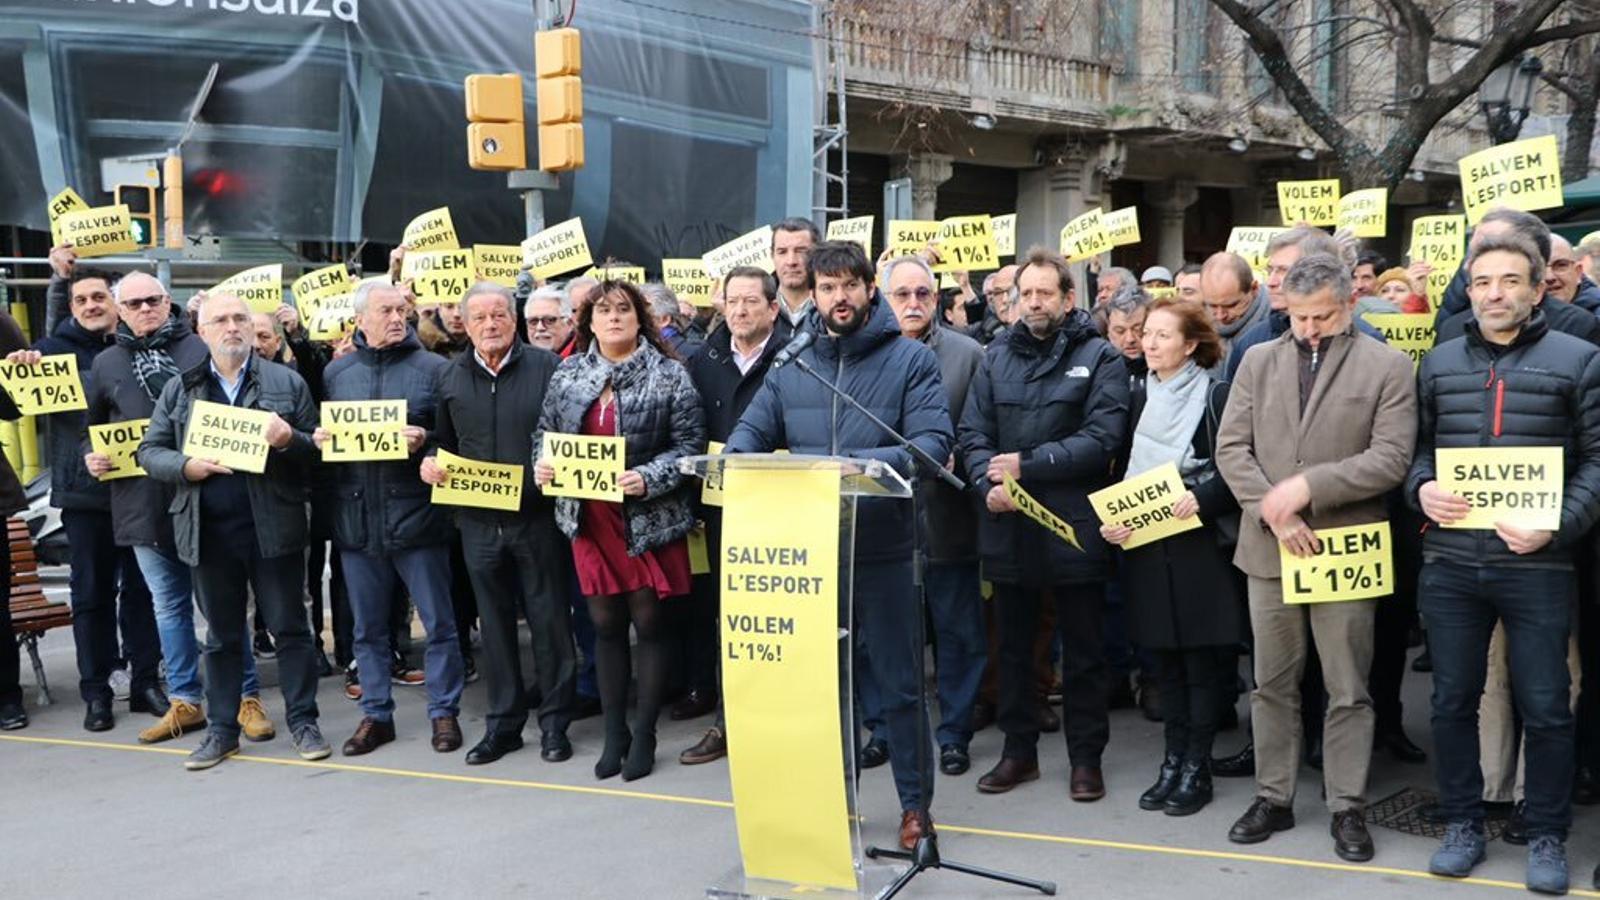 L'esport català s'ha concentrat davant la conselleria d'Economia per reclamar l'1% dels pressupostos per al sector esportiu